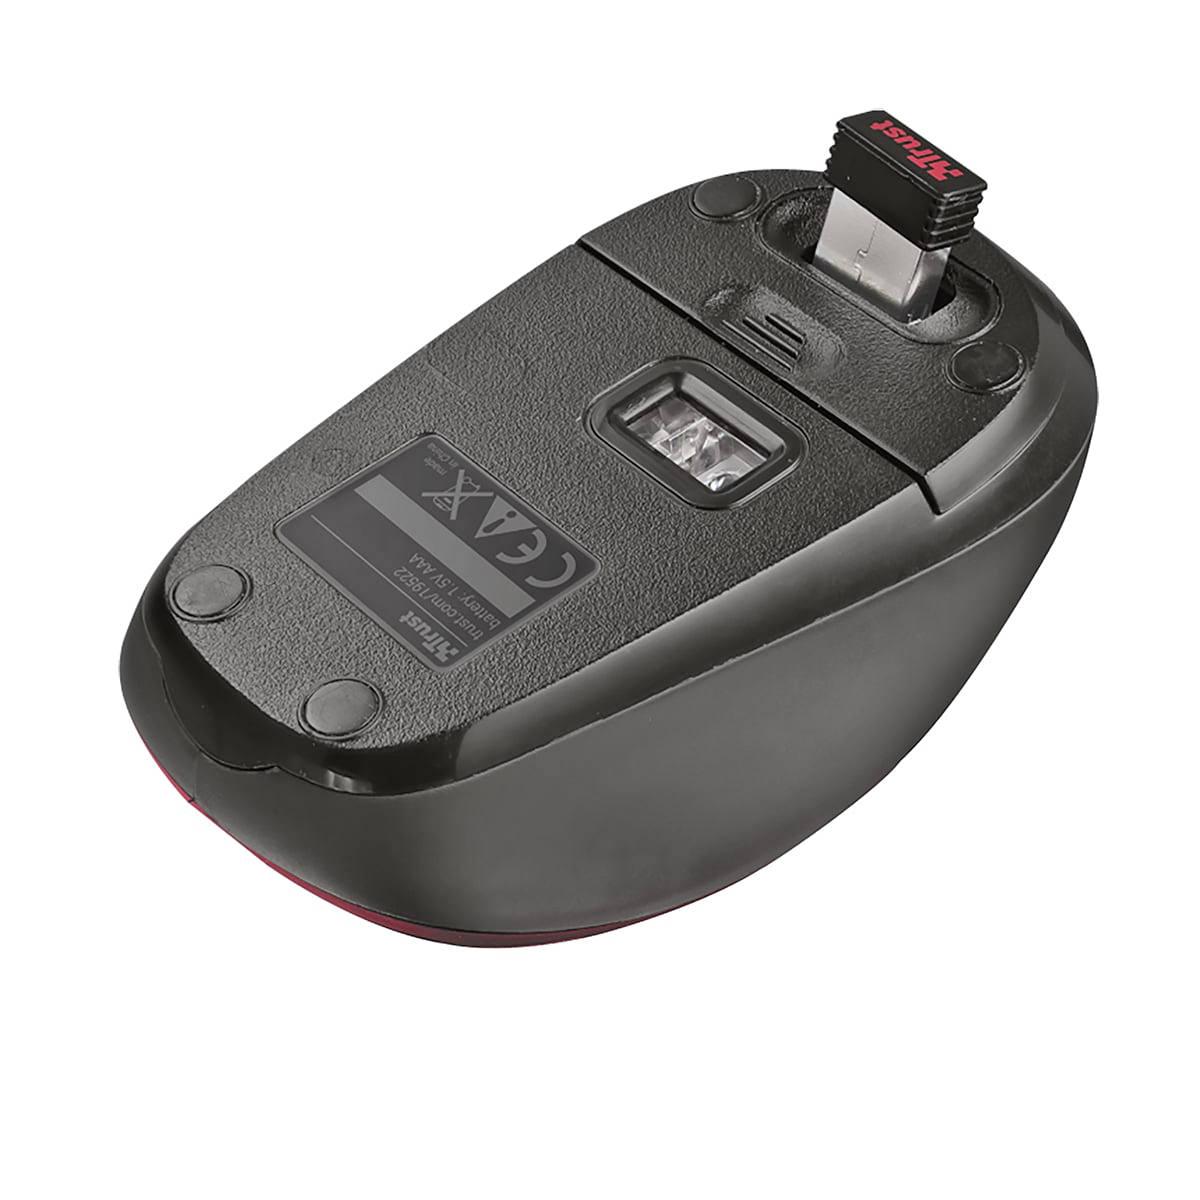 Mouse Wireless Compacto com Botão Seletor de DPI Micro Receptor USB Acompanha Pilha Trust Yvi Vermelho